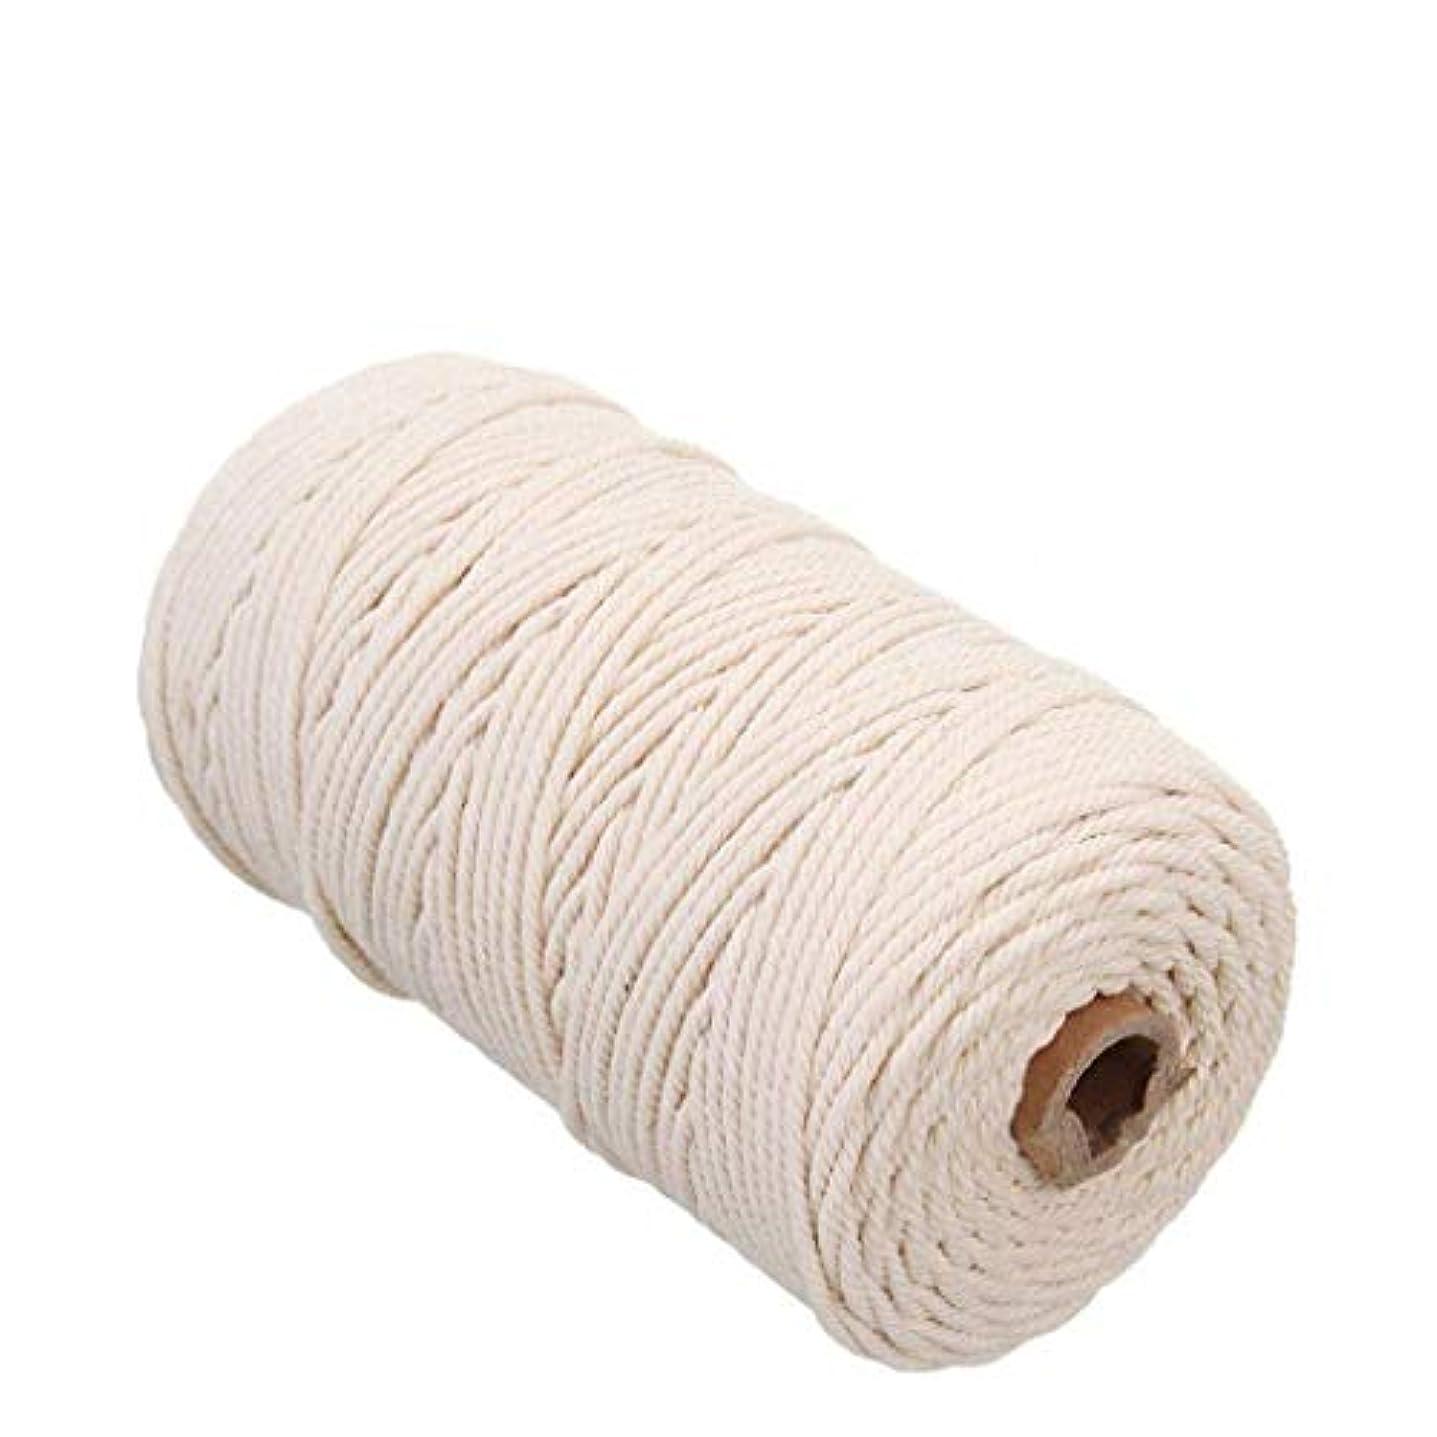 牛認知時計回り手作りコットン糸 編み 天然コード 紐 綿糸ロープ 壁掛けロープナチュラルカラーニット製造プラントハンガー?クラフト 2mm x 200m (ライスホワイト)